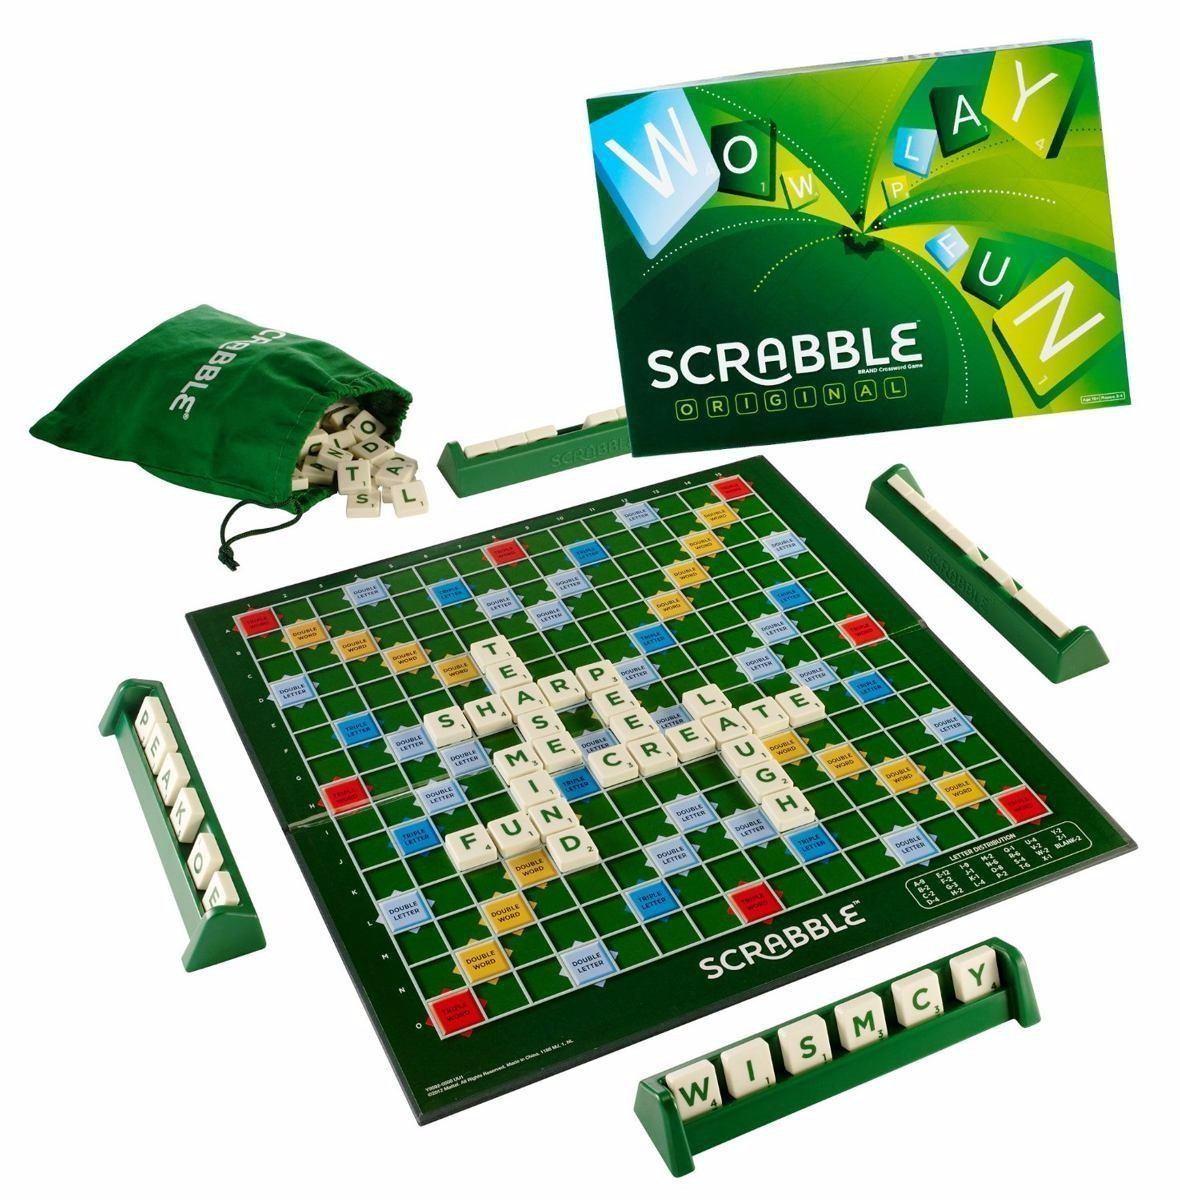 Scrabble Espanol Original Nuevo Sellado Mattel Juego De Mesa Bs